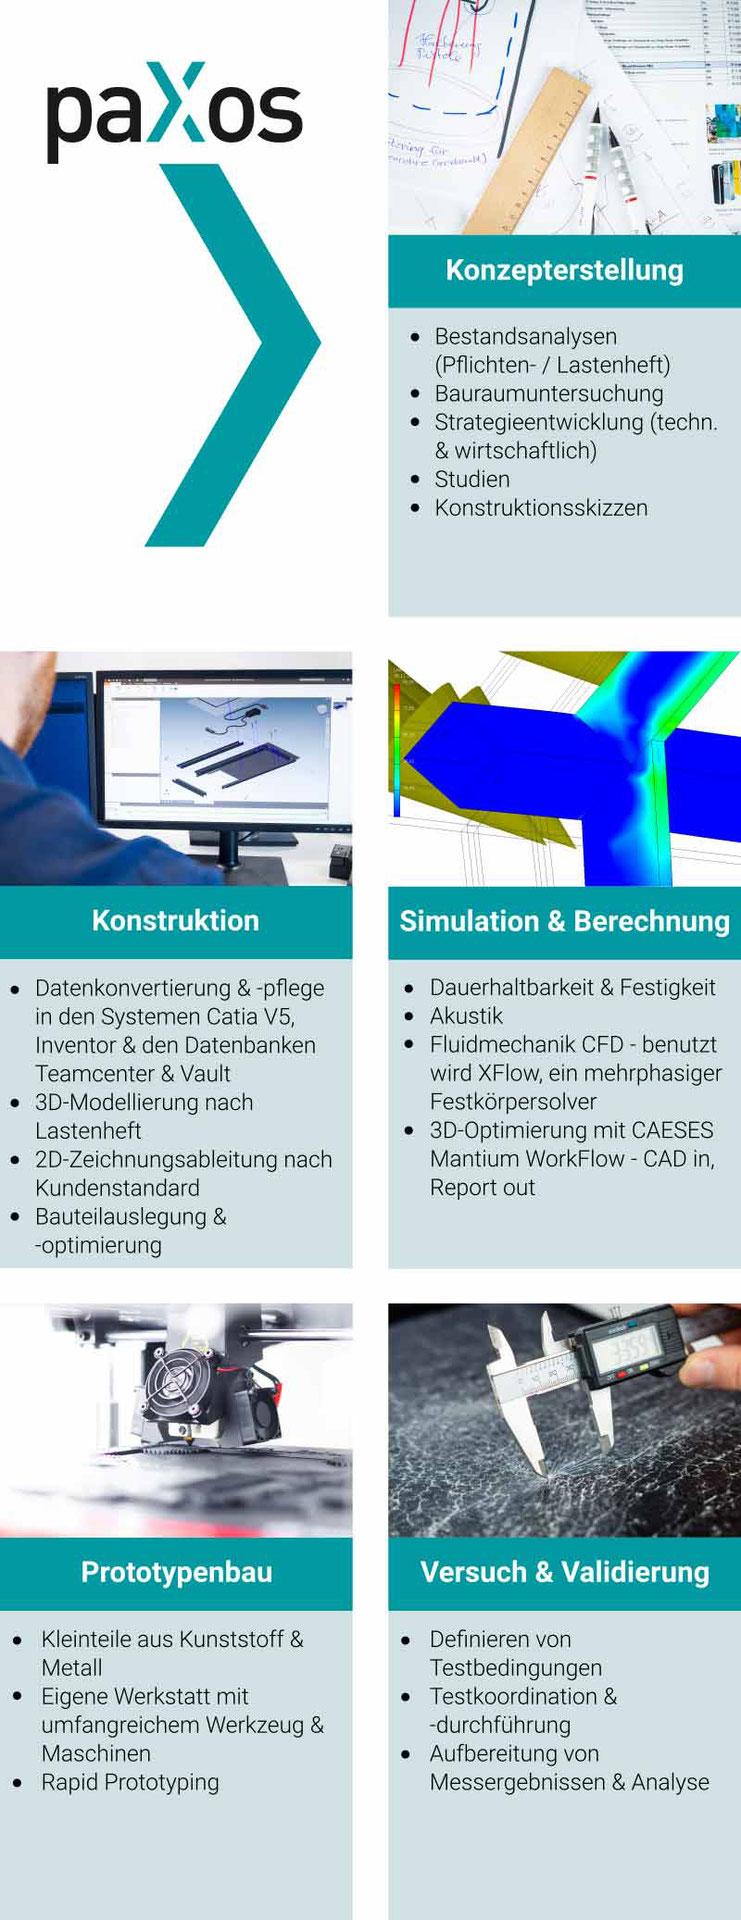 paXos Engineering Bereiche: Konzepterstellung, Konstruktion, Simulation und Berechnung, Prototypenbau sowie Test und Validierung